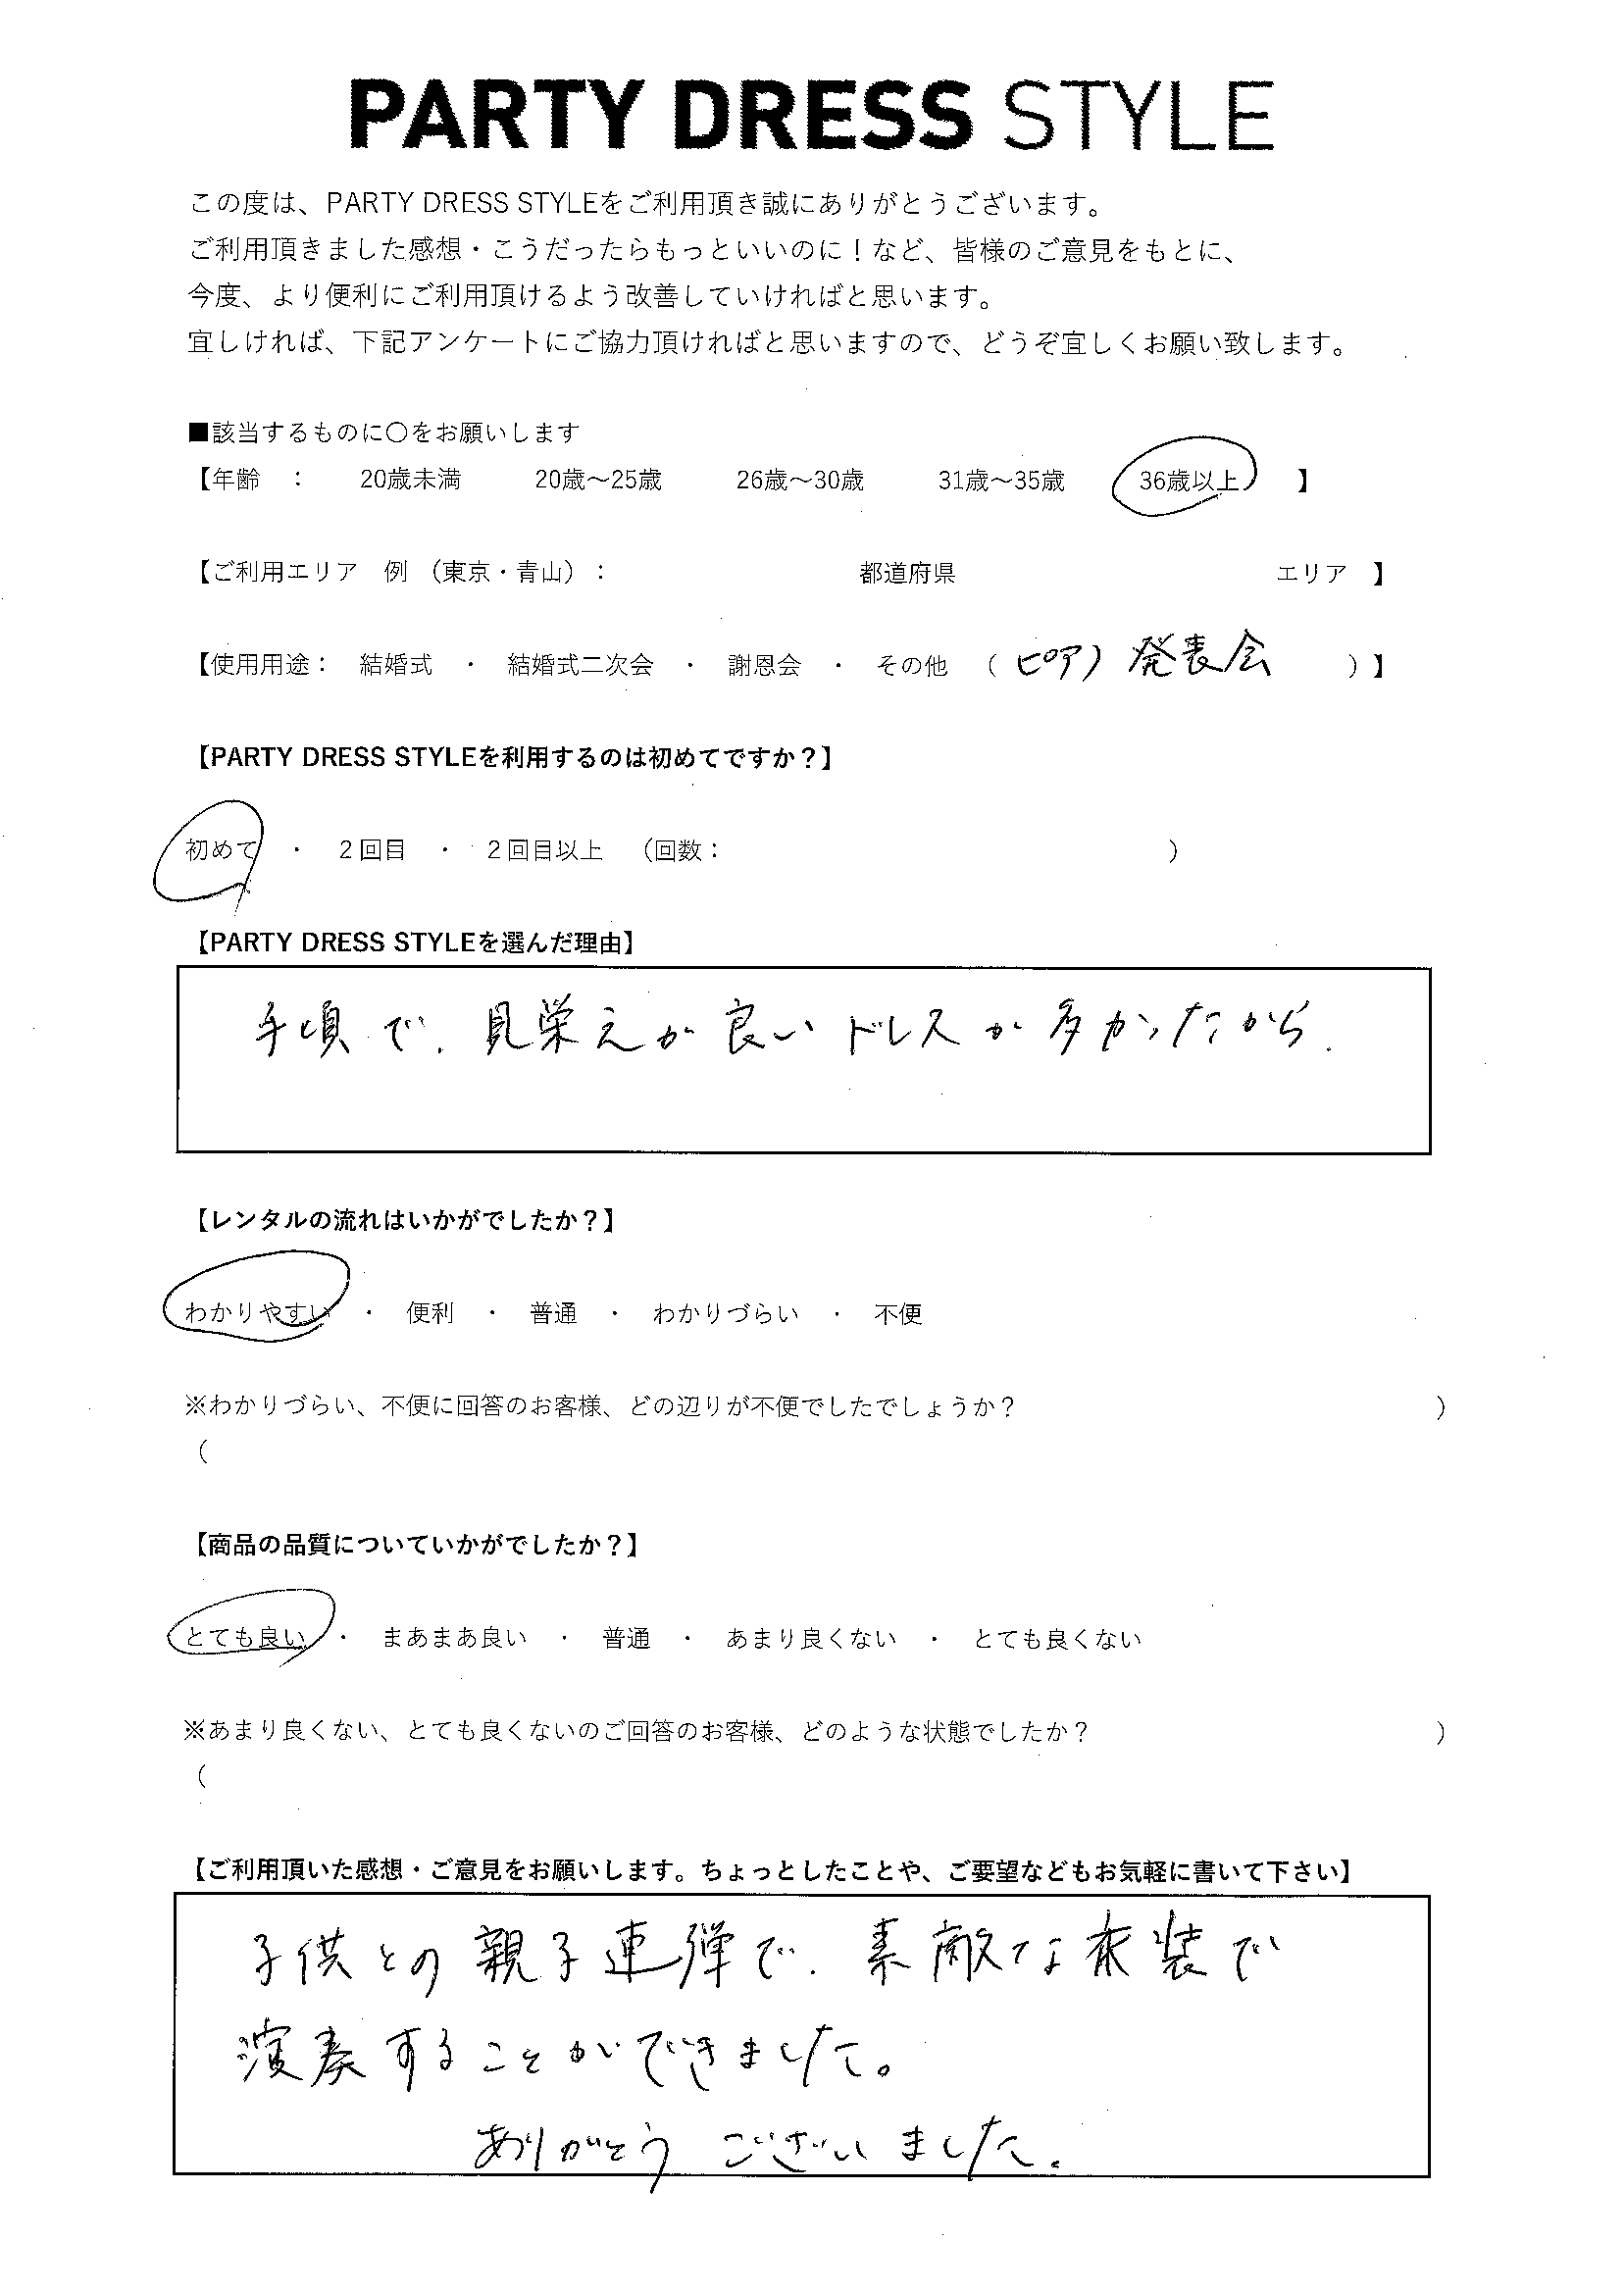 6/30ピアノ発表会ご利用